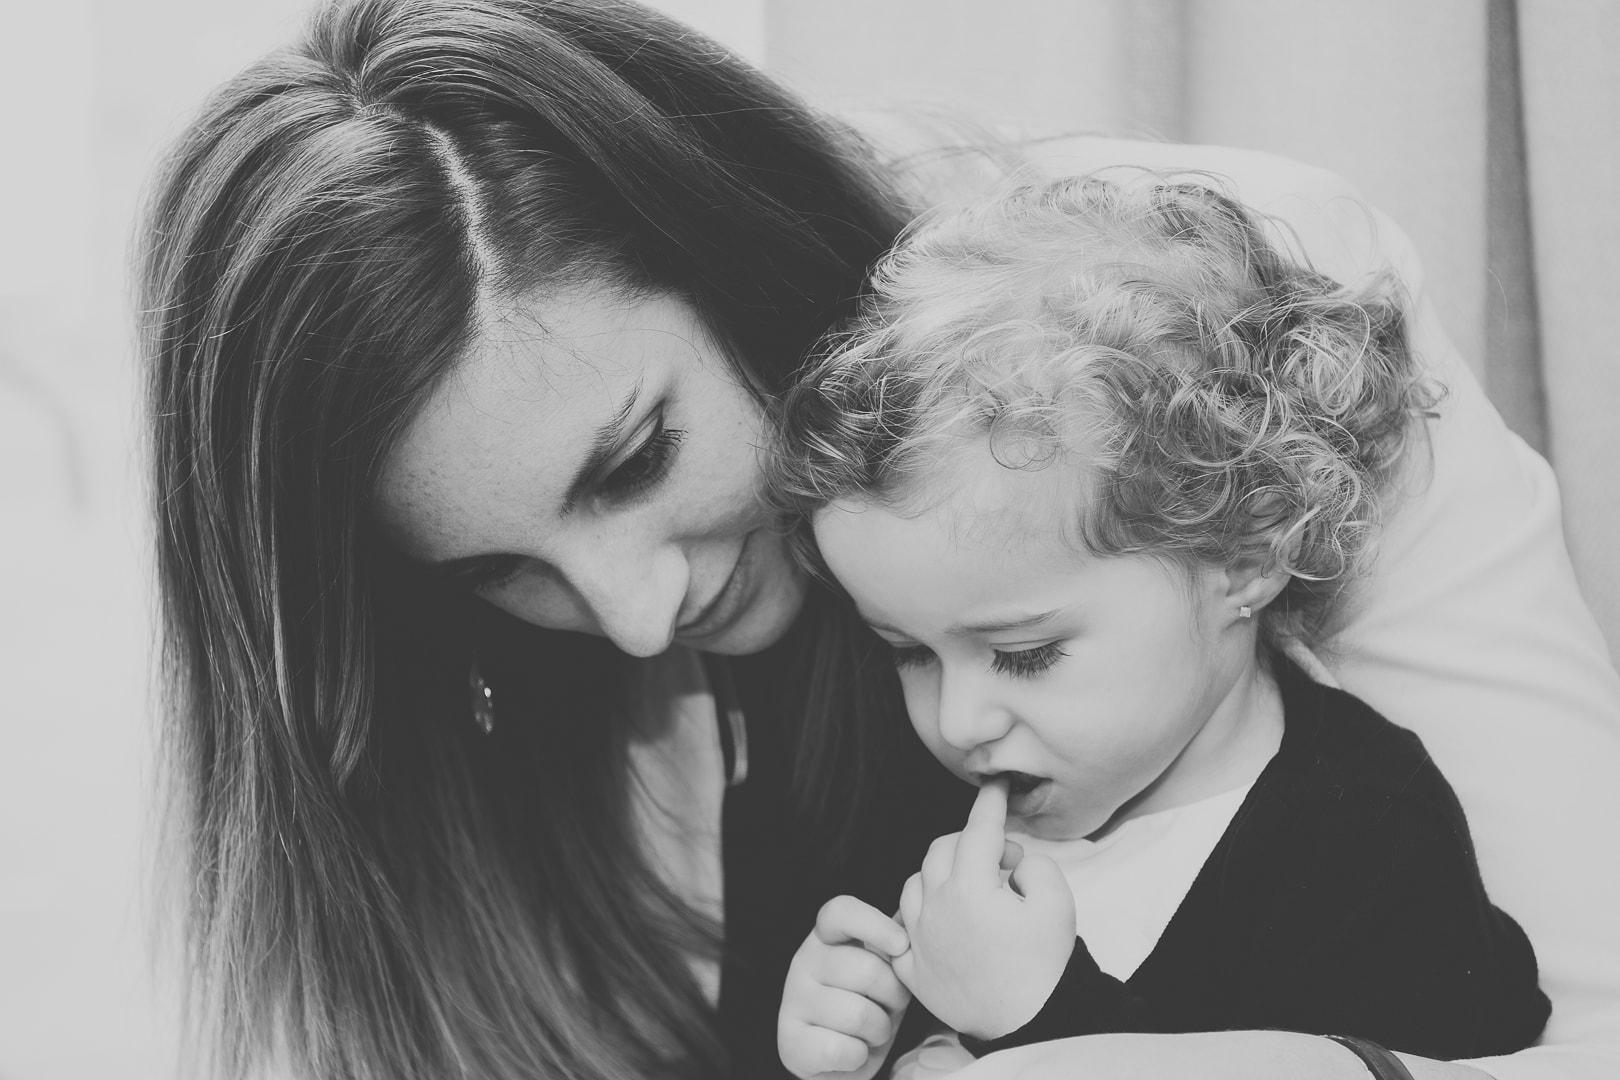 trezors-photography-photographe-professionnel-toulouse-31-famille-bapteme-claire